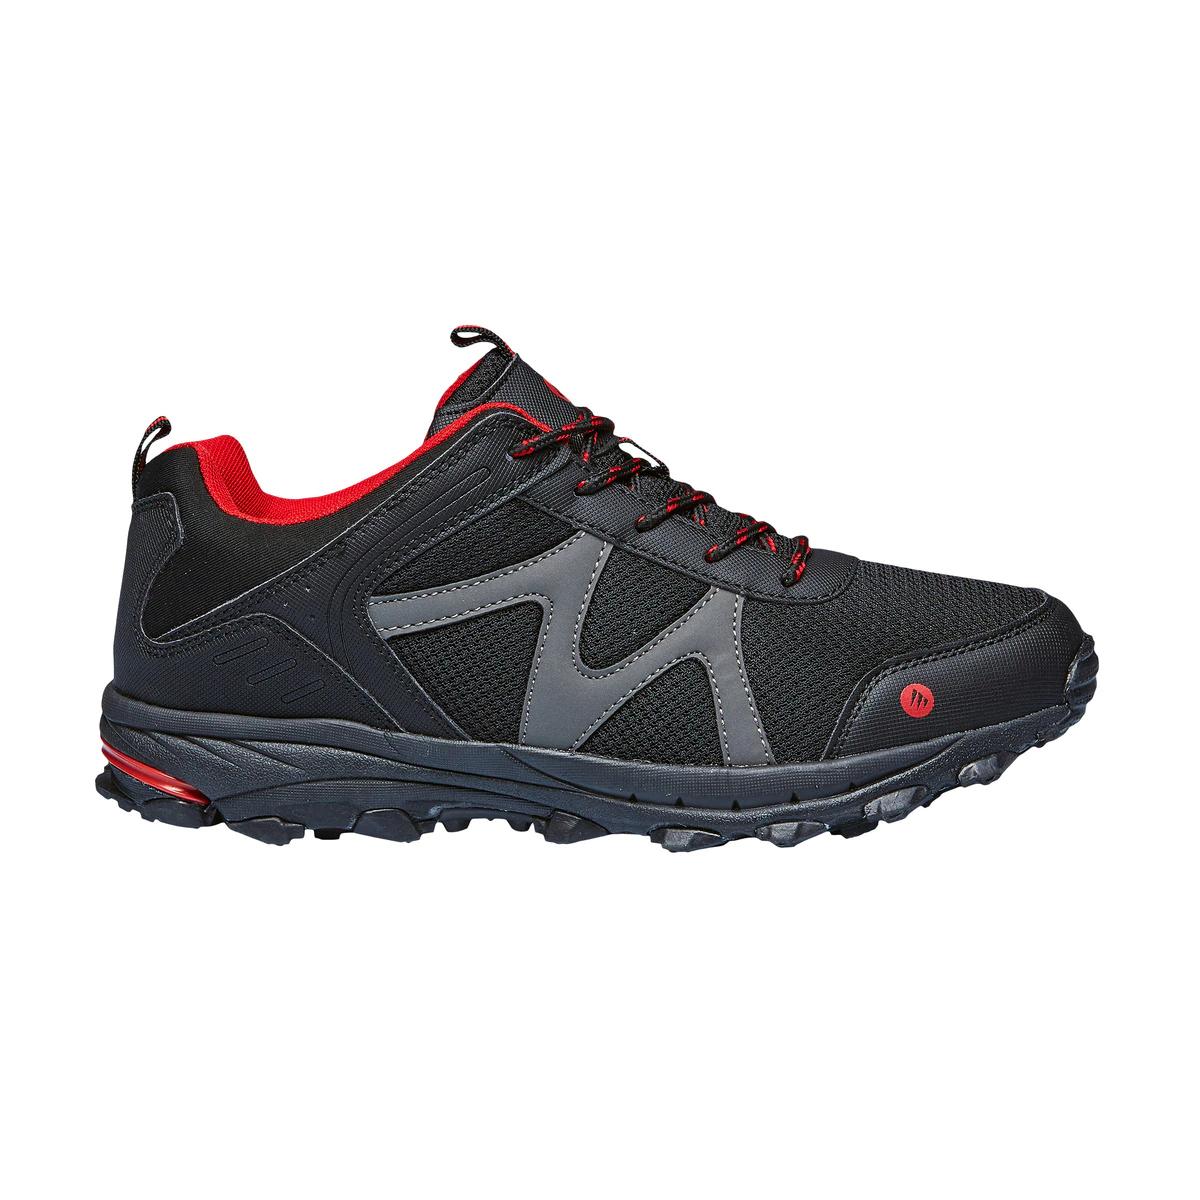 Zapatillas de montaña Mountain PRO desde 7.95